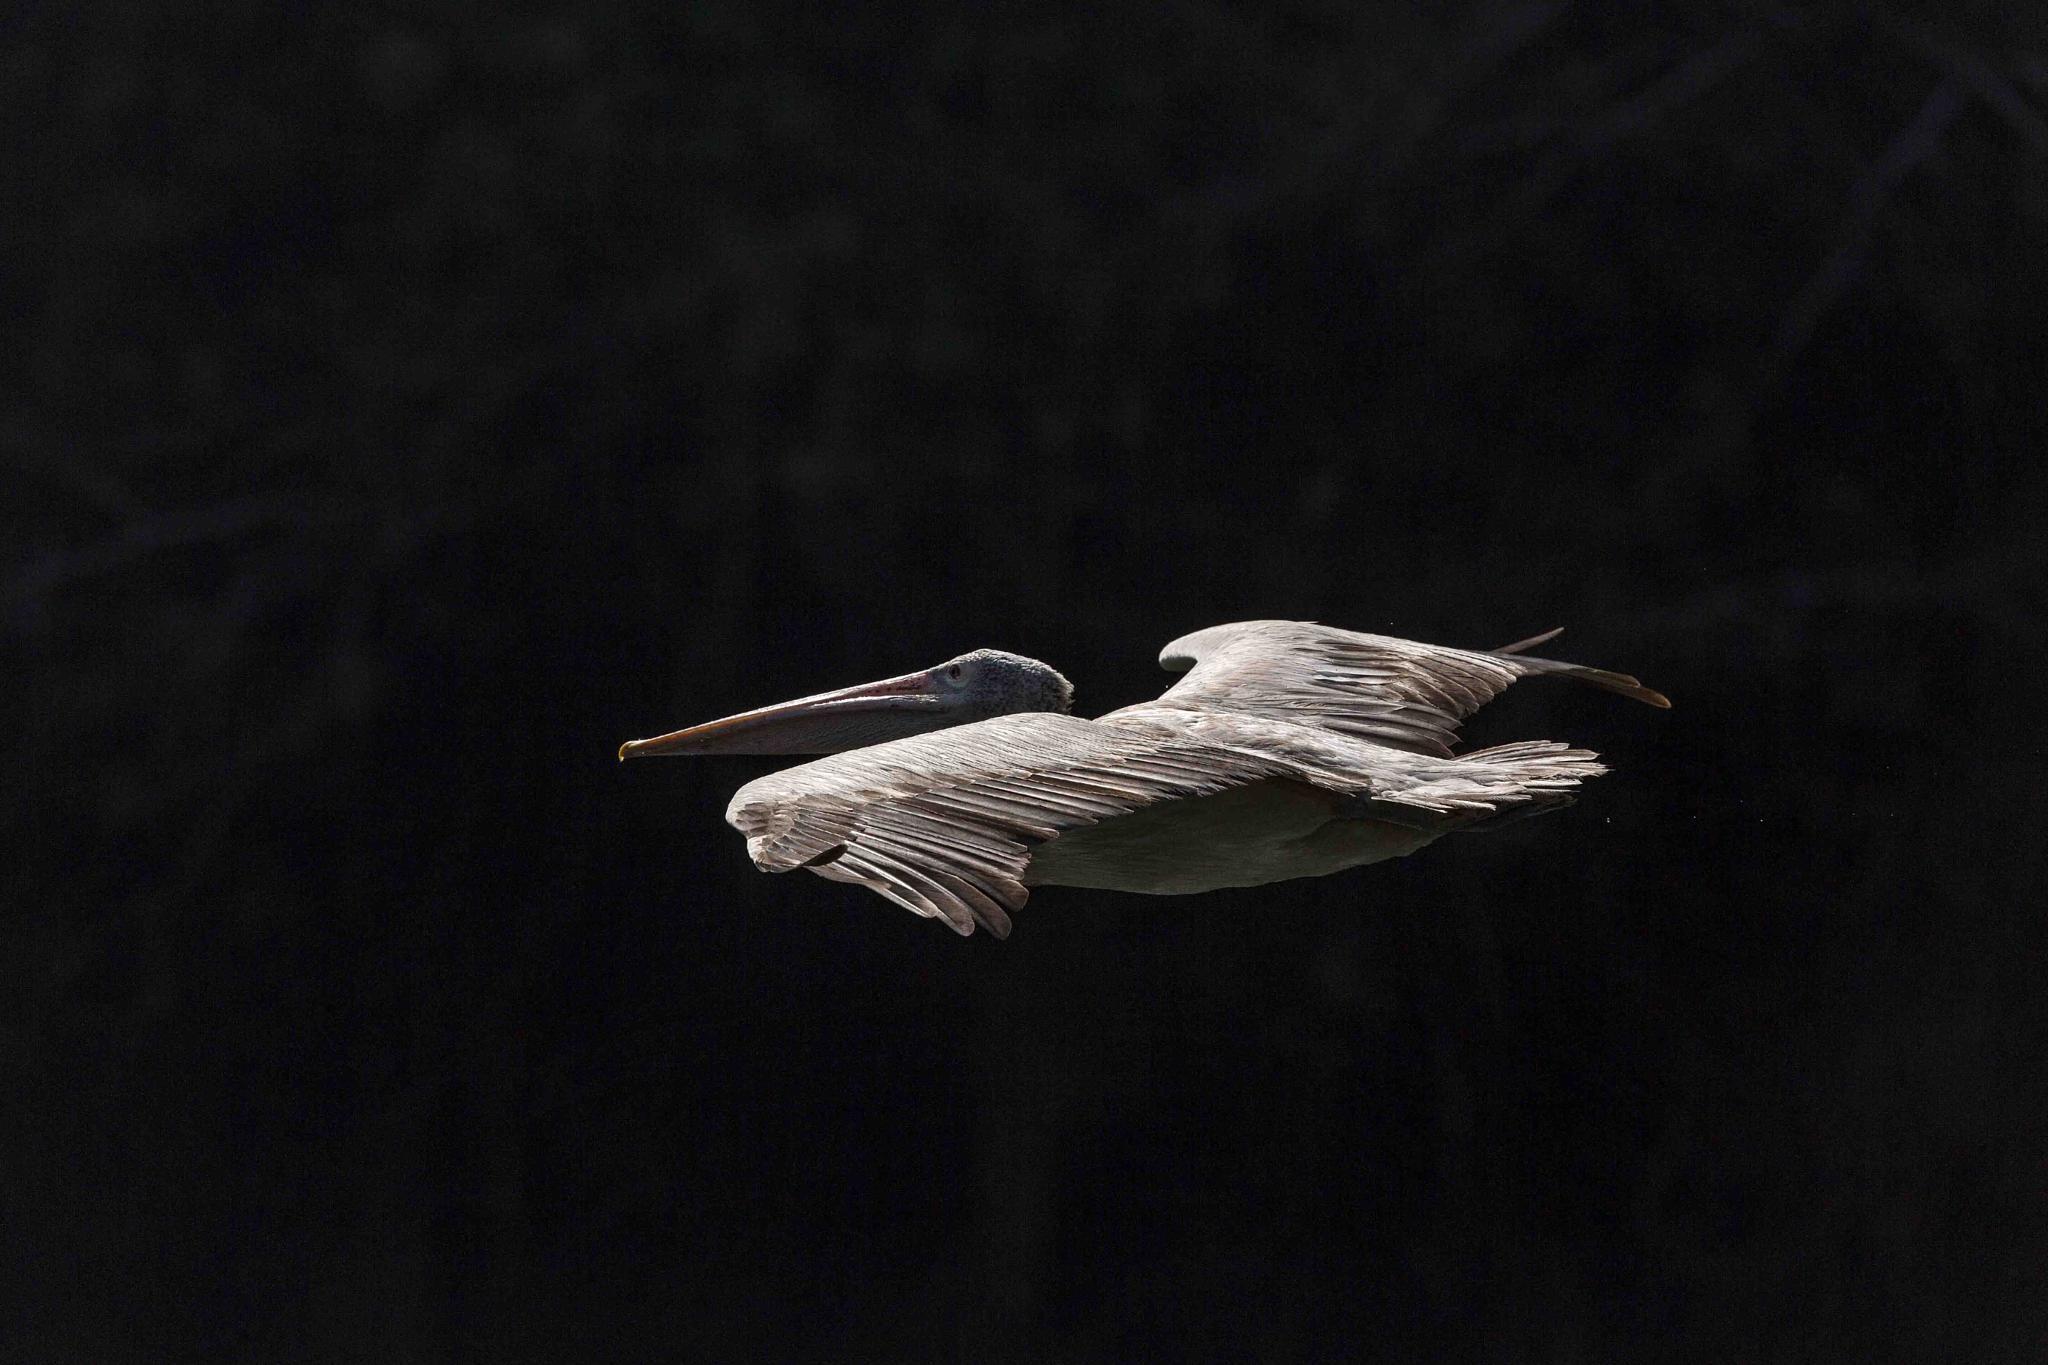 FLIGHT!!! spot-billed pelican by guran60